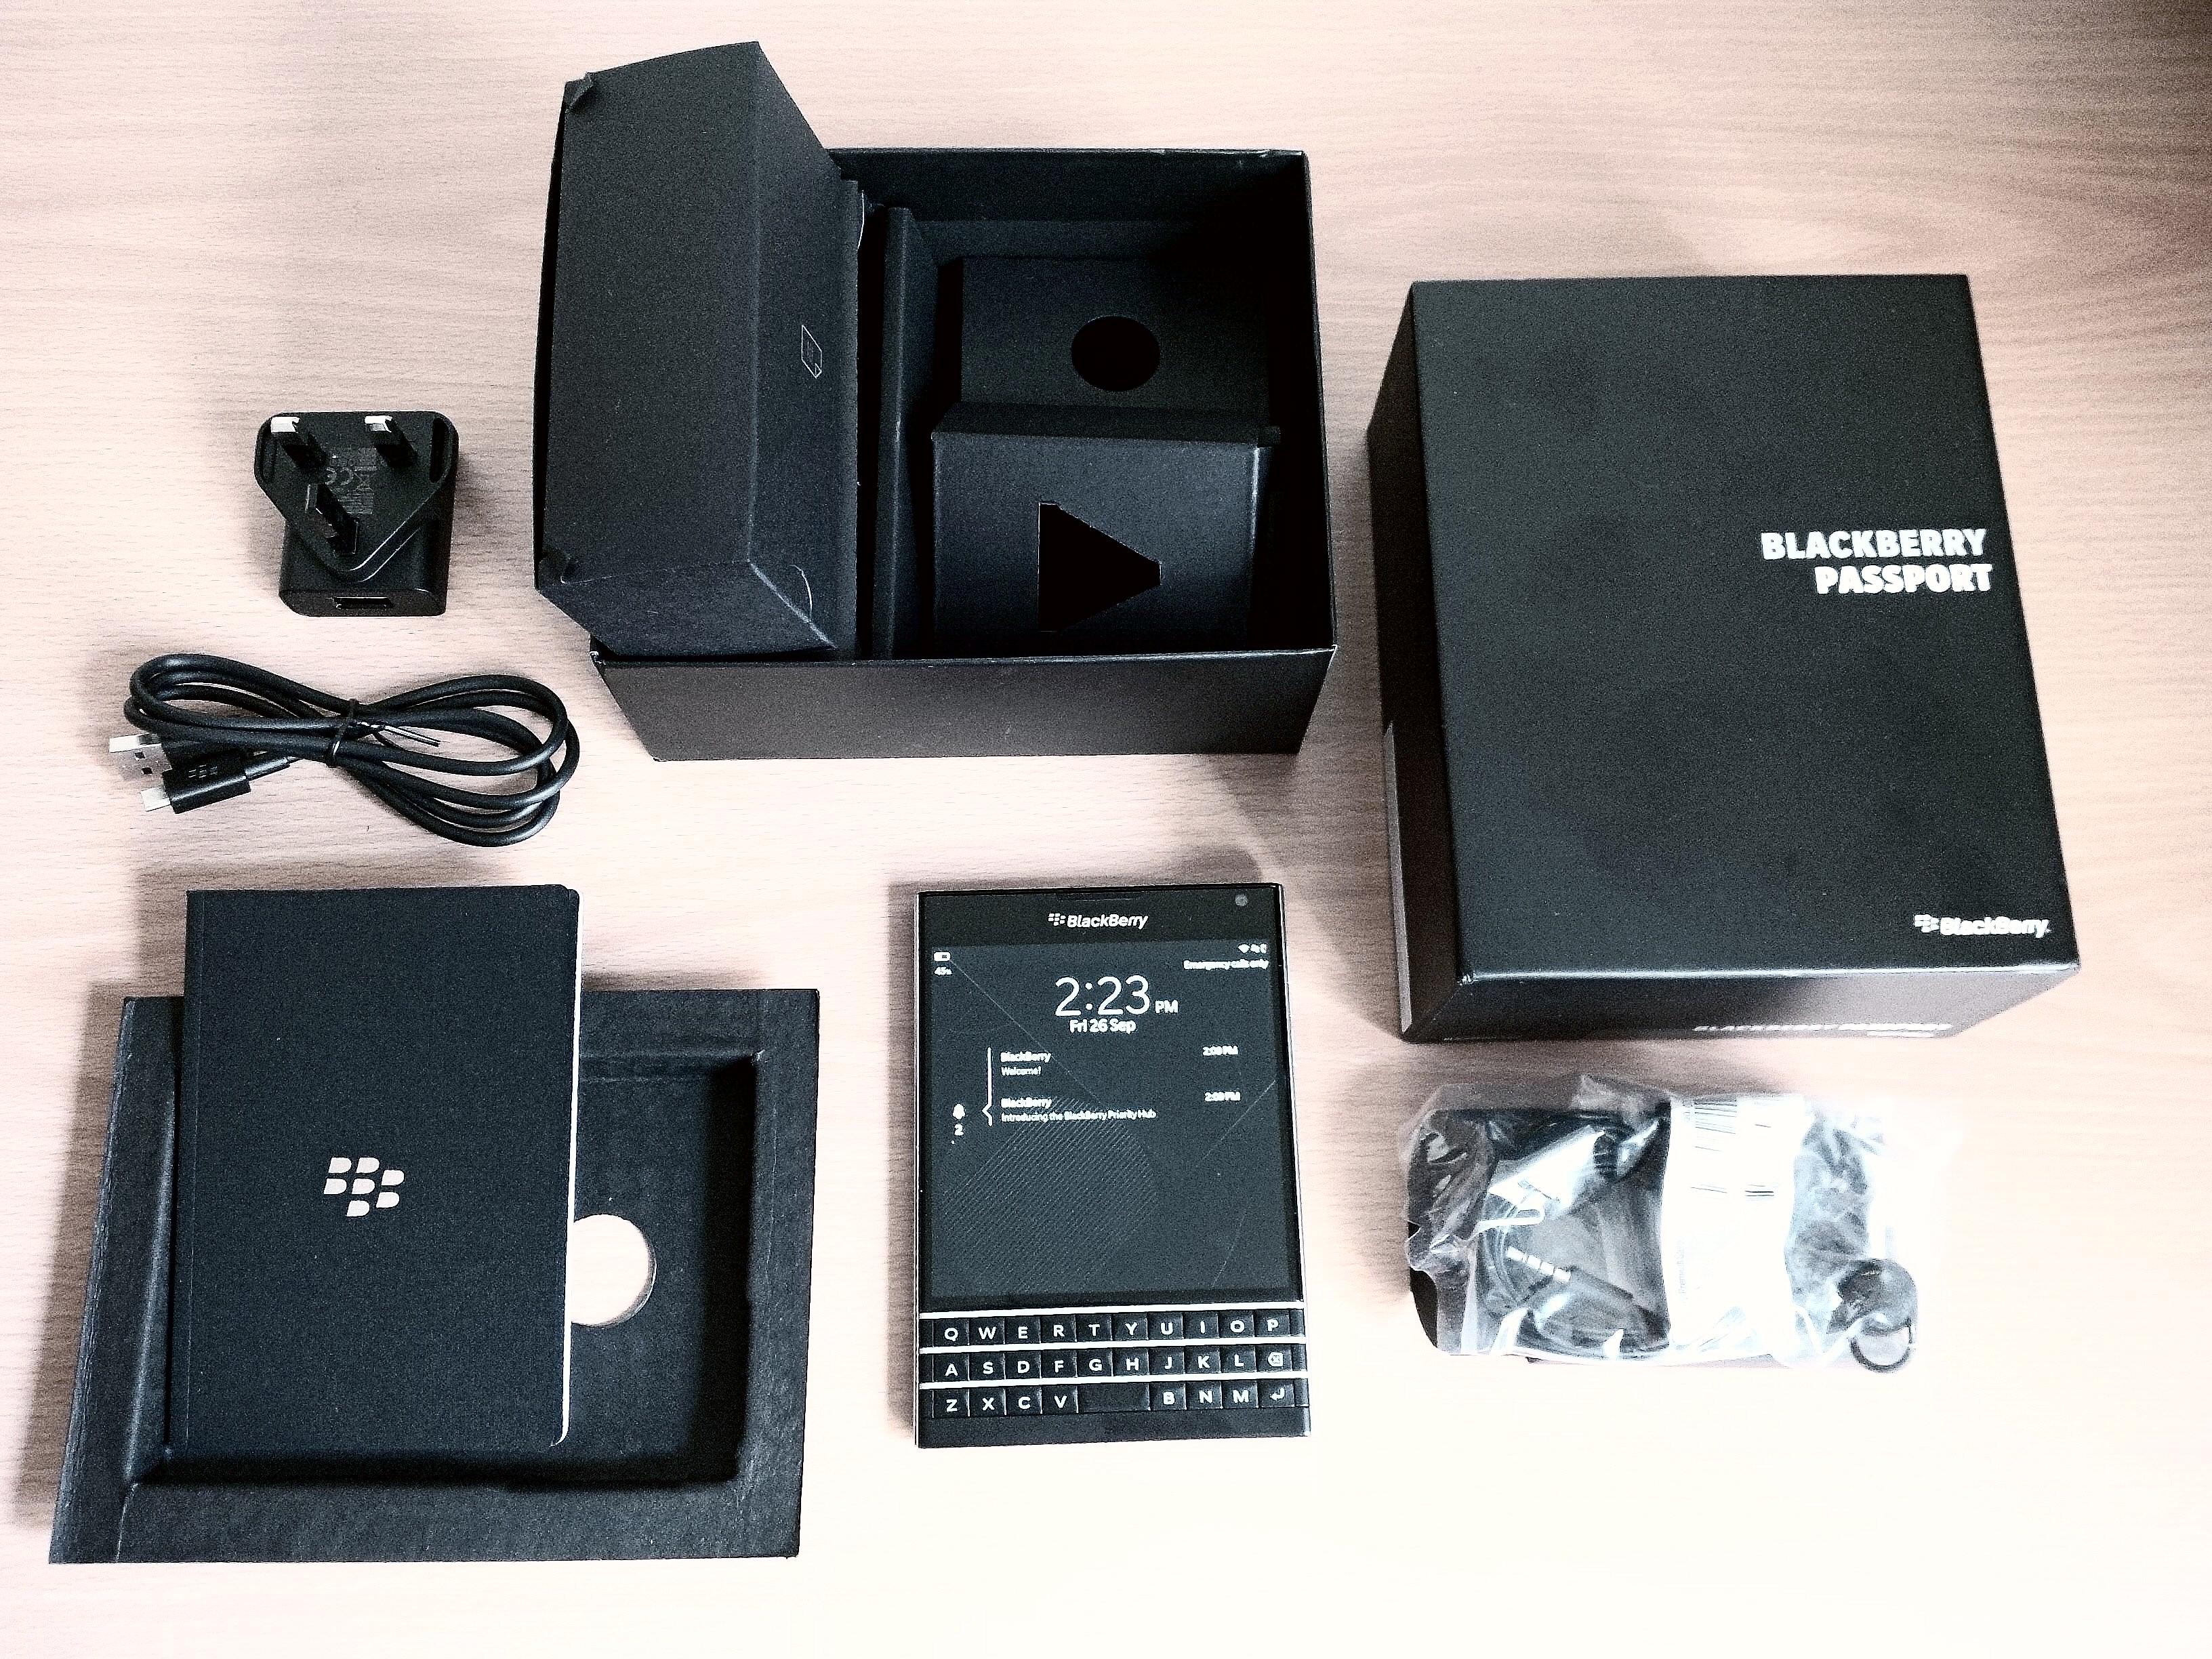 BlackBerry-Passport-unboxing